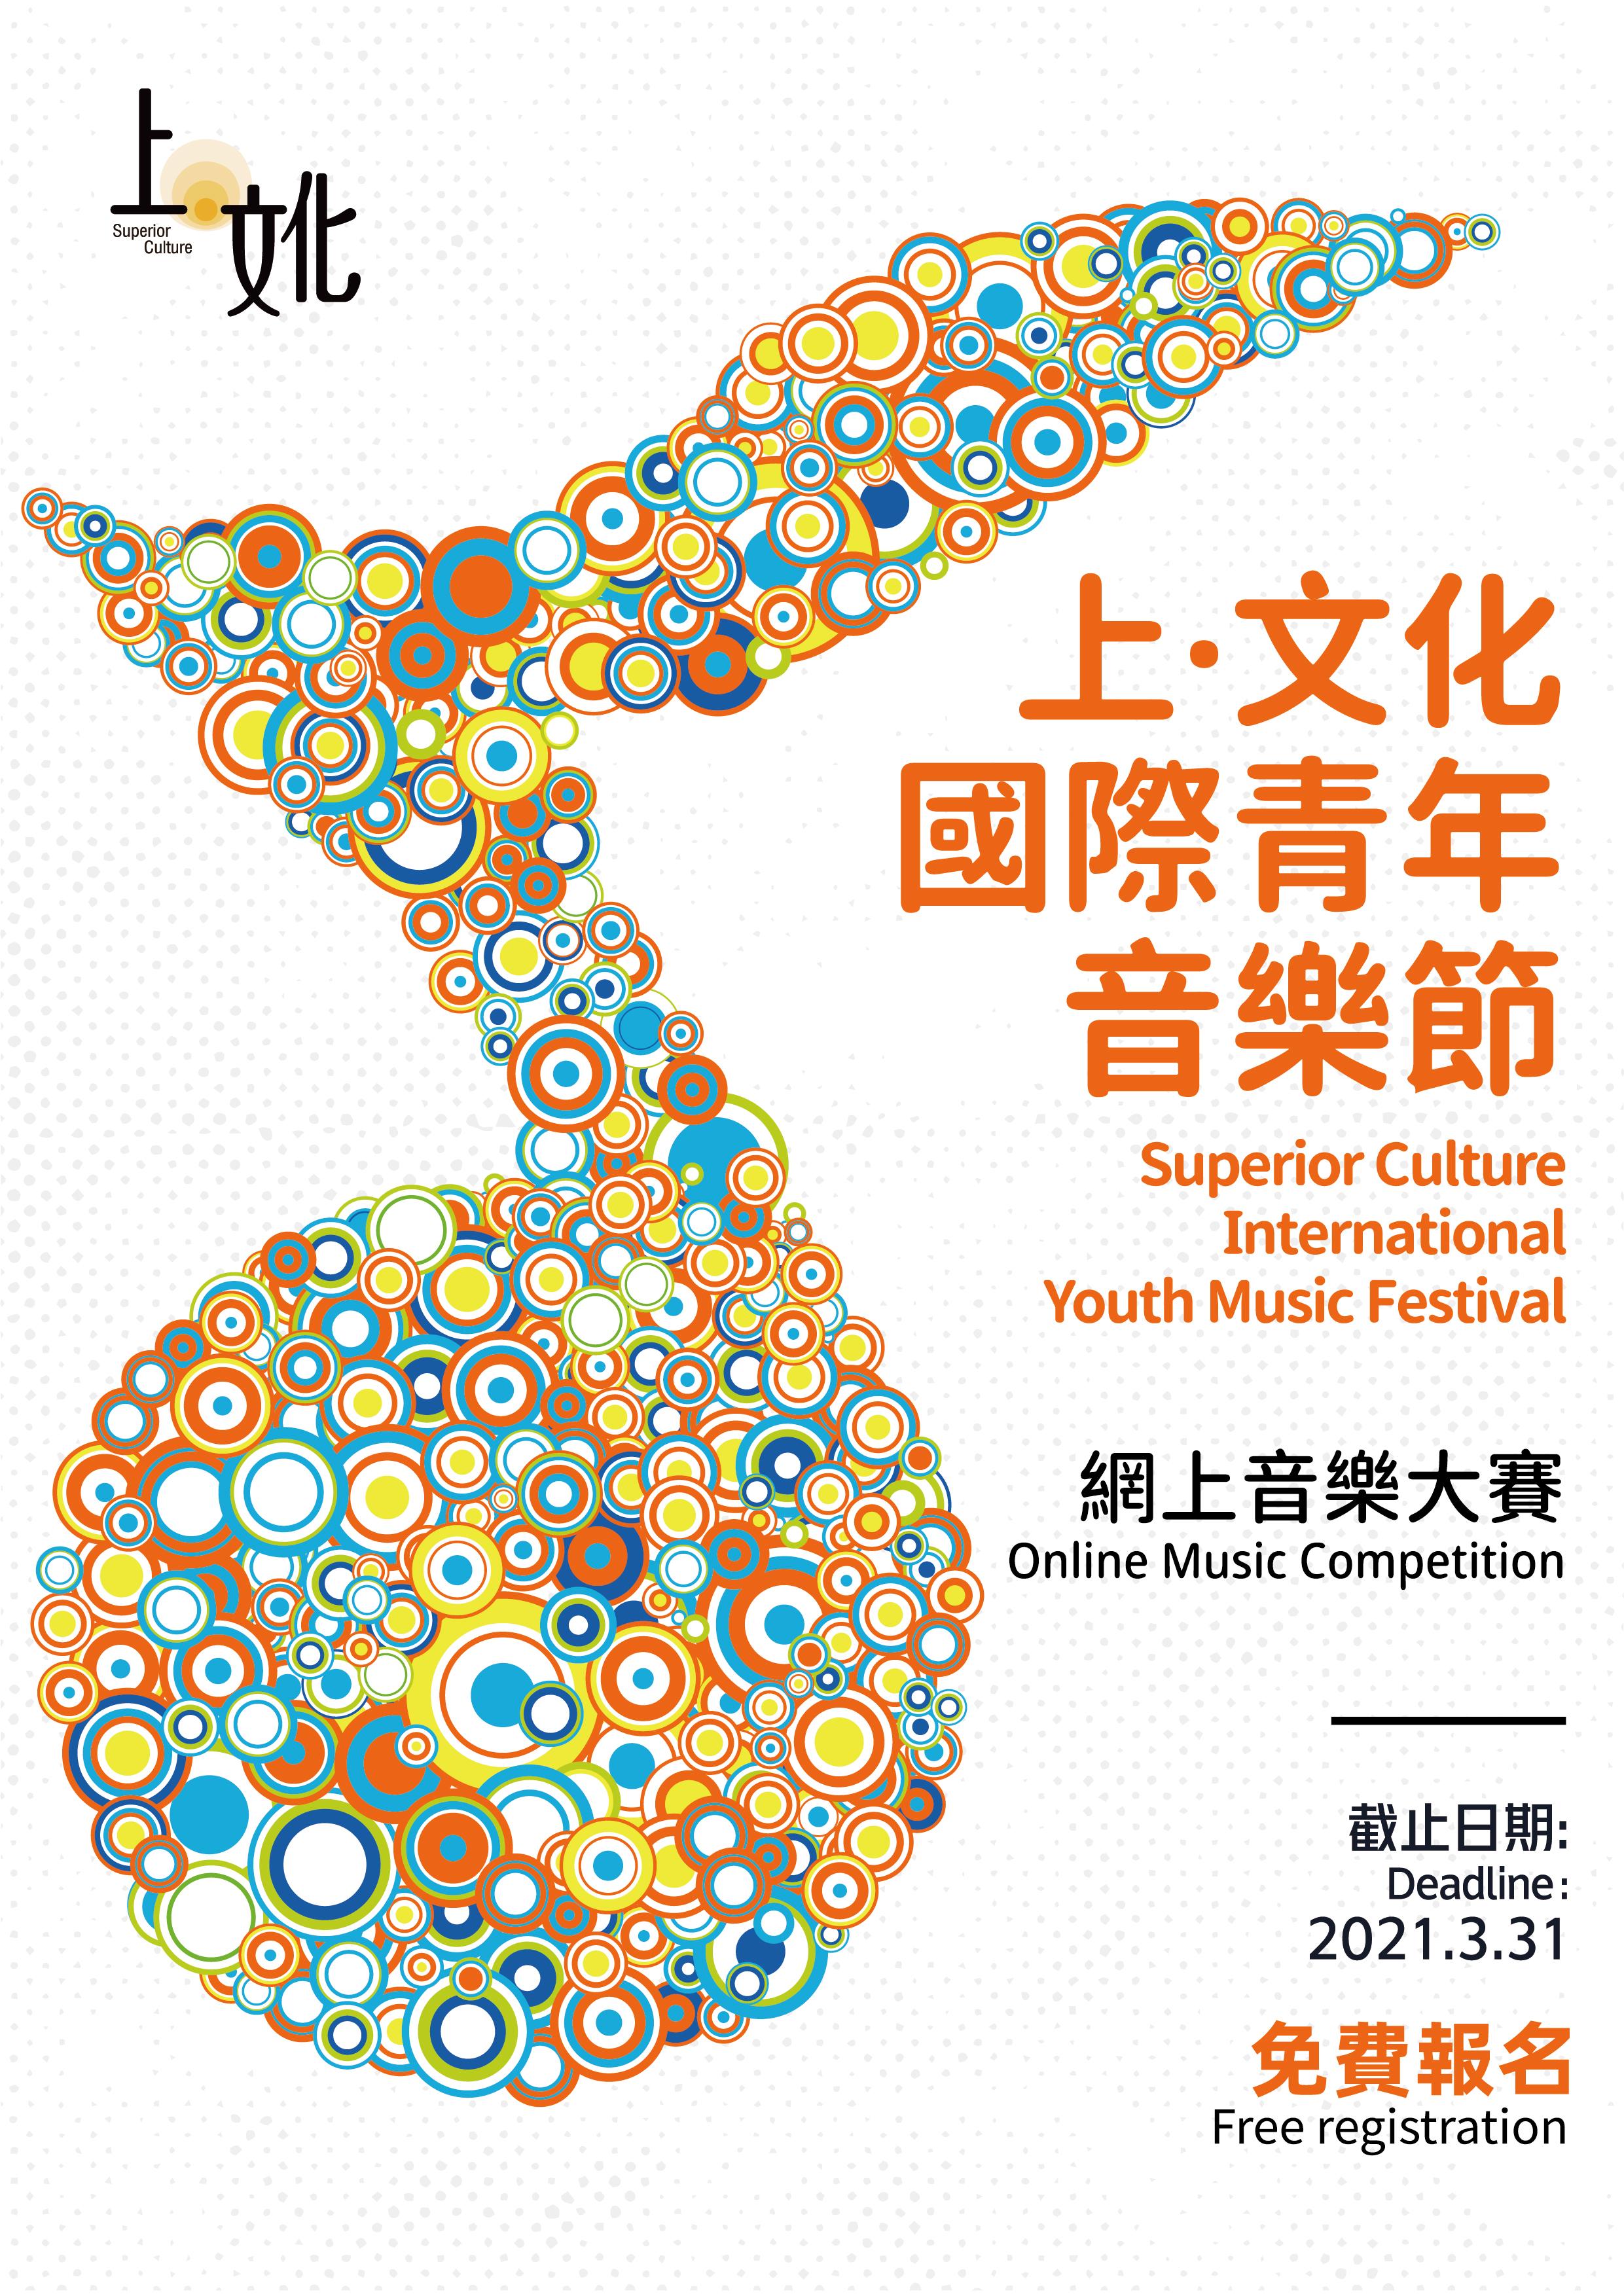 上‧文化國際青年音樂節 (報名中)